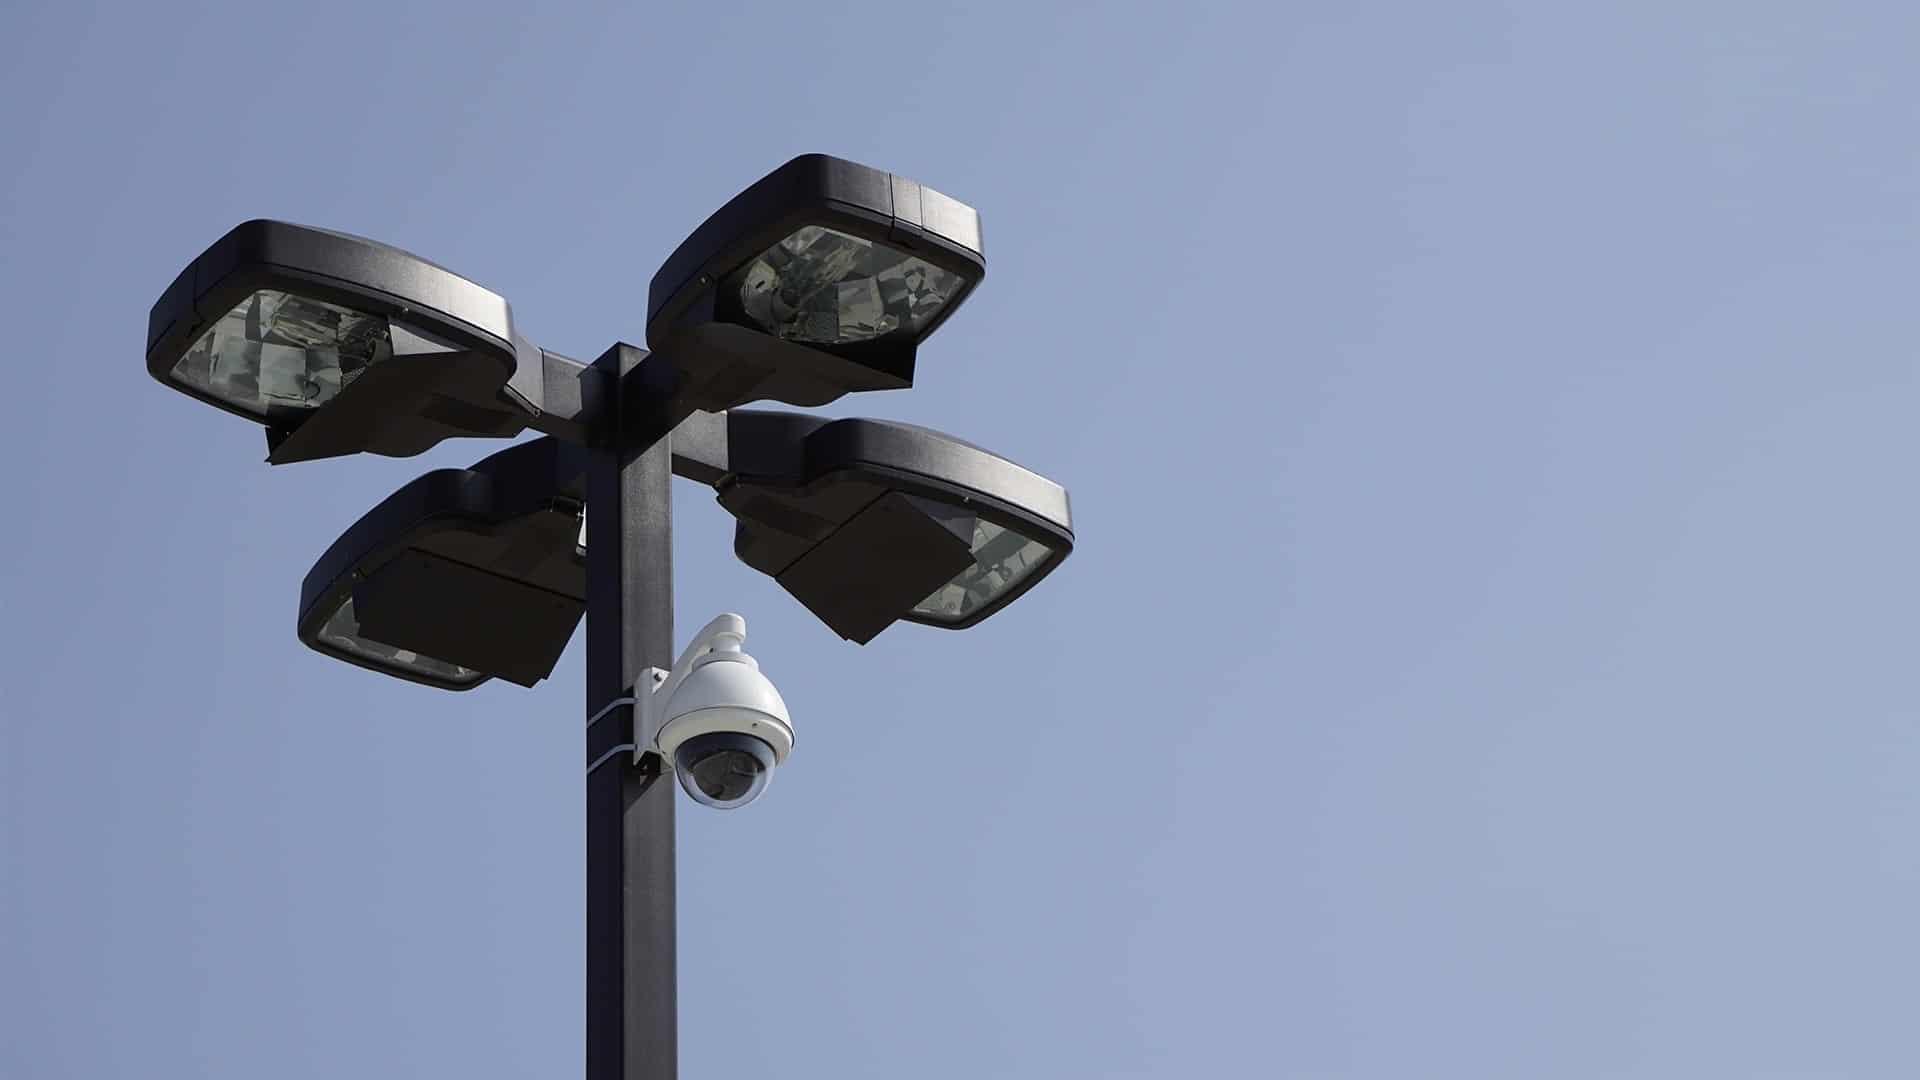 Imagem mostra uma câmera de vigilância em um poste de iluminação.